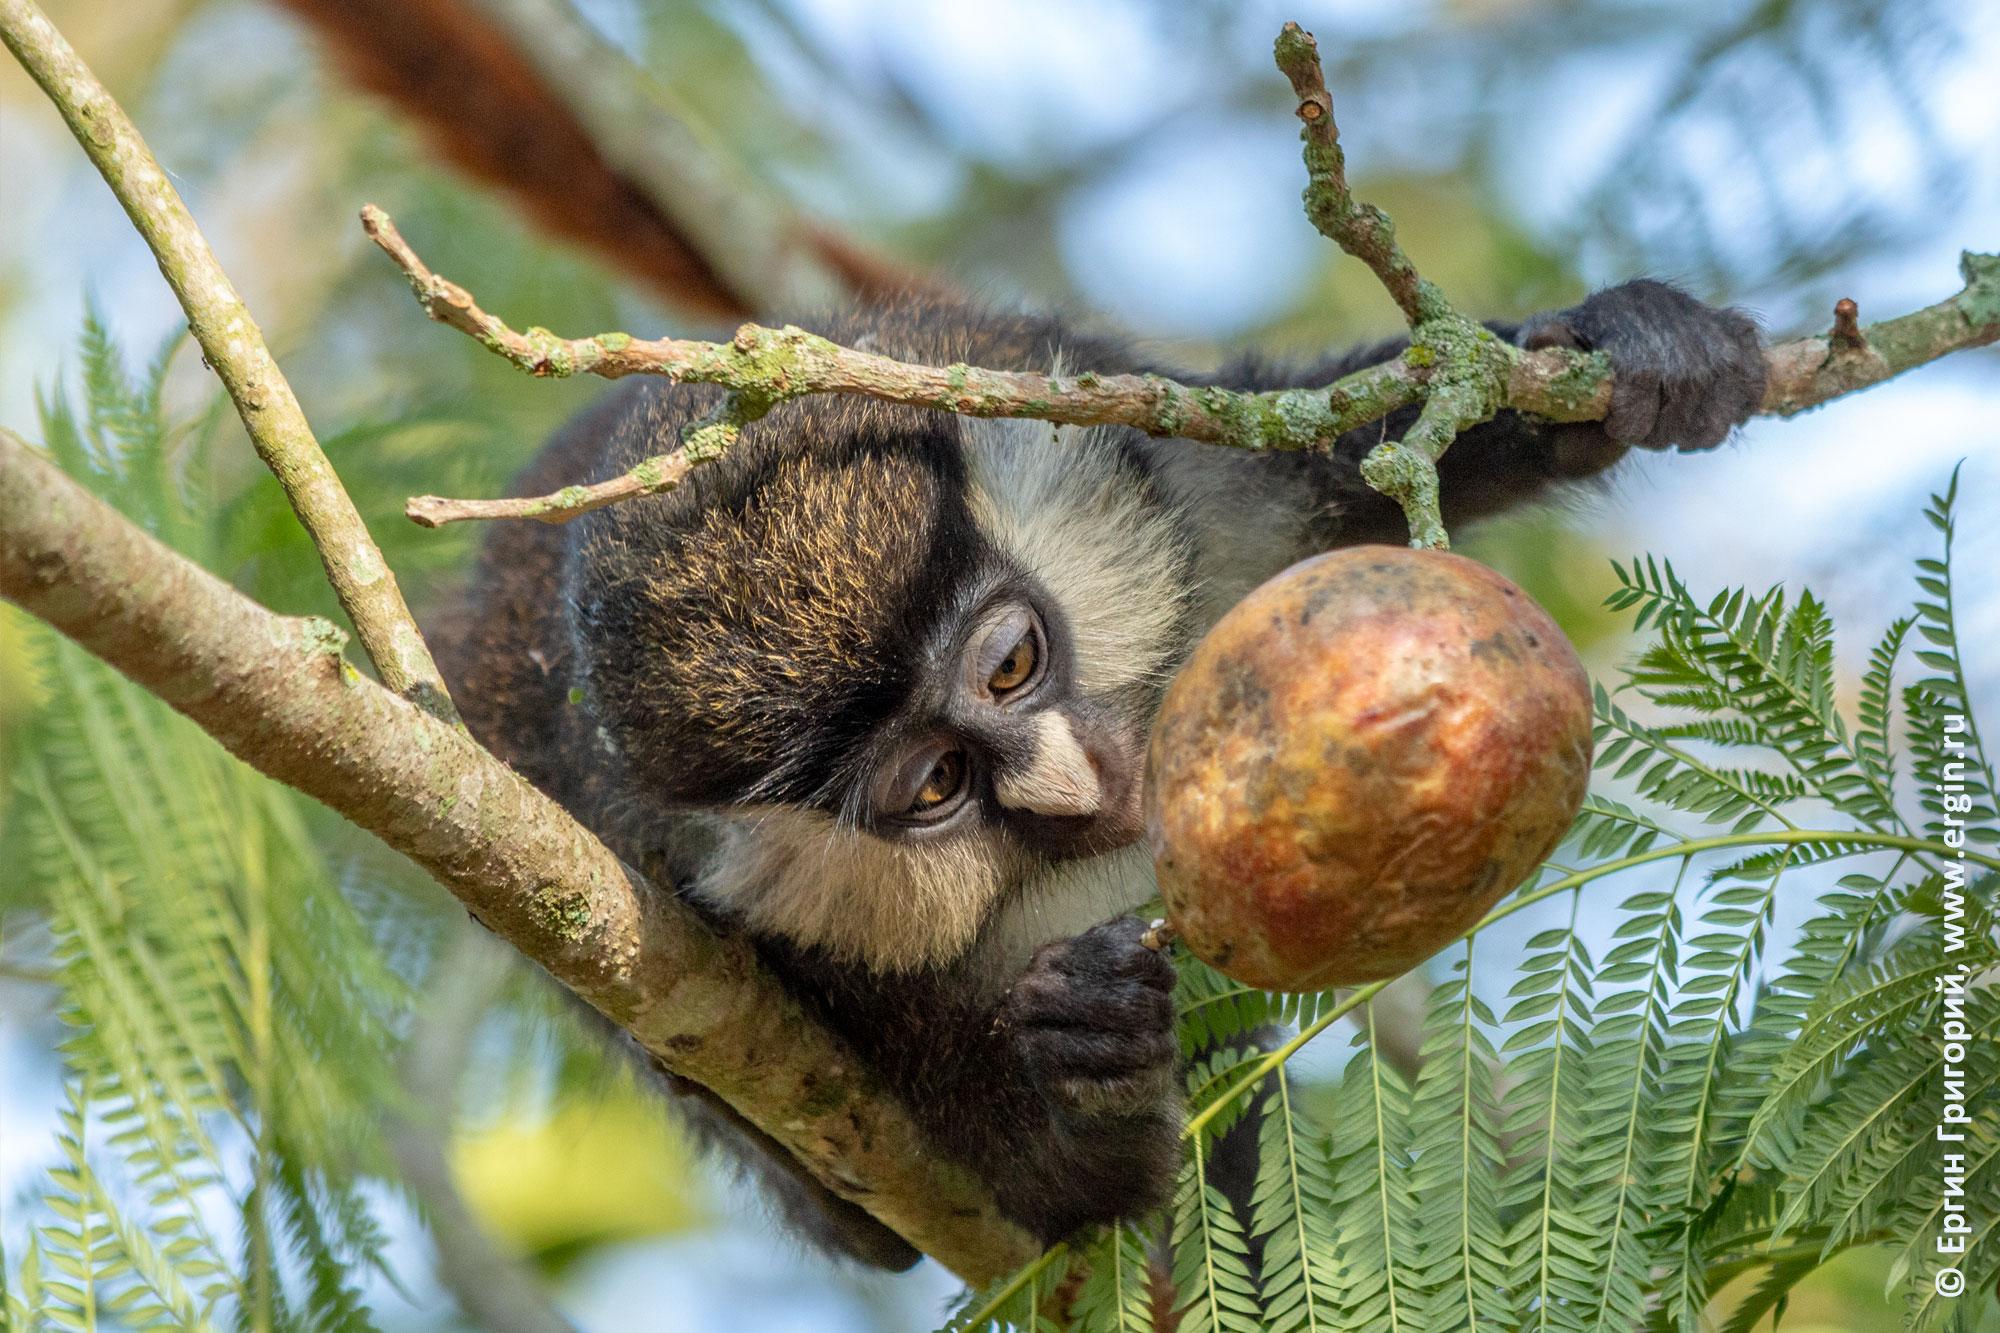 Краснохвостая обезьяна пробует маракуйю на сучке